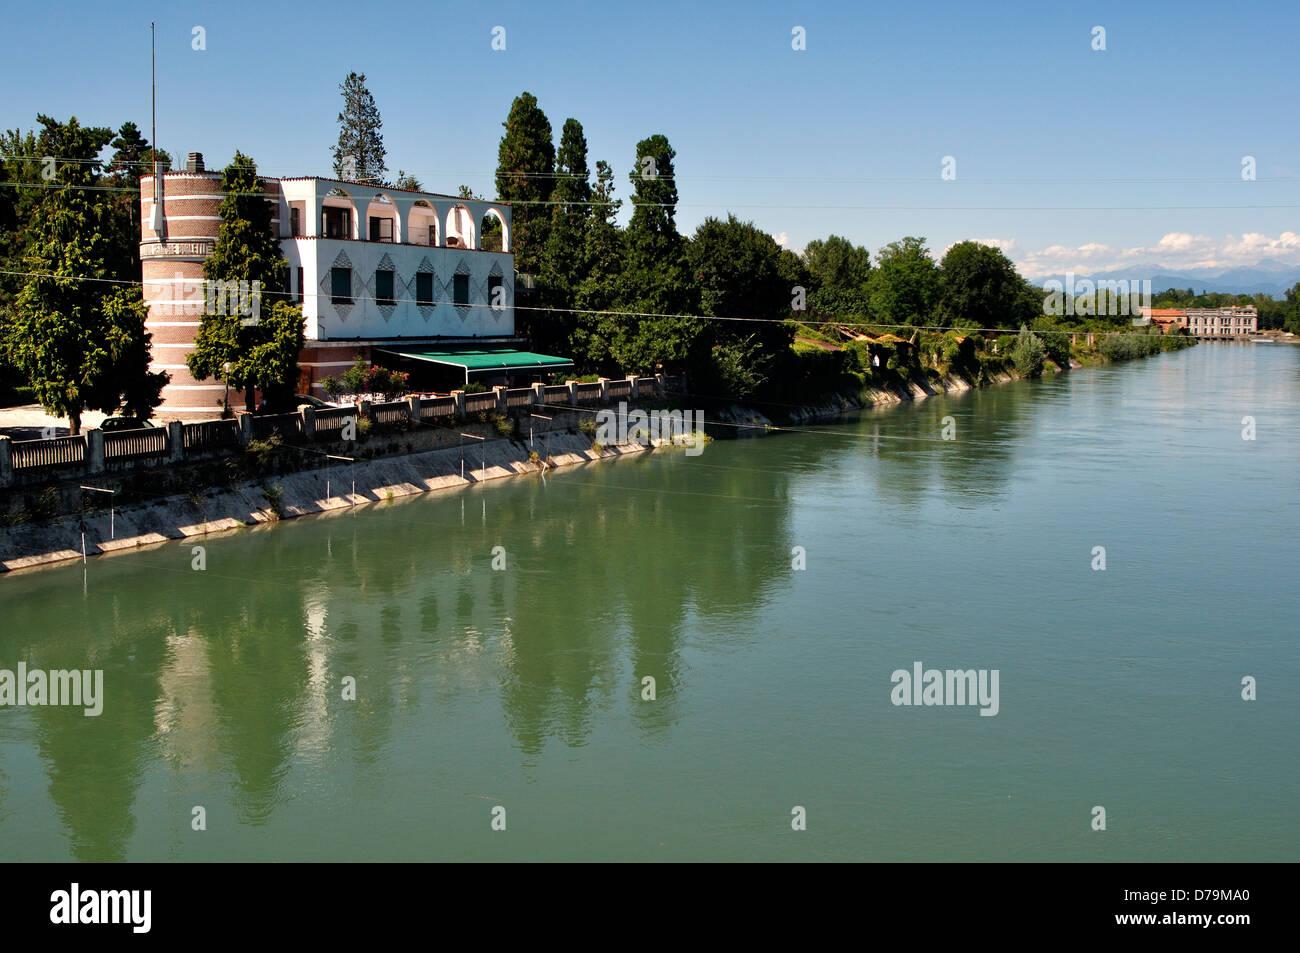 Italy, Lombardy, Cassano d'Adda, Adda River Stock Photo